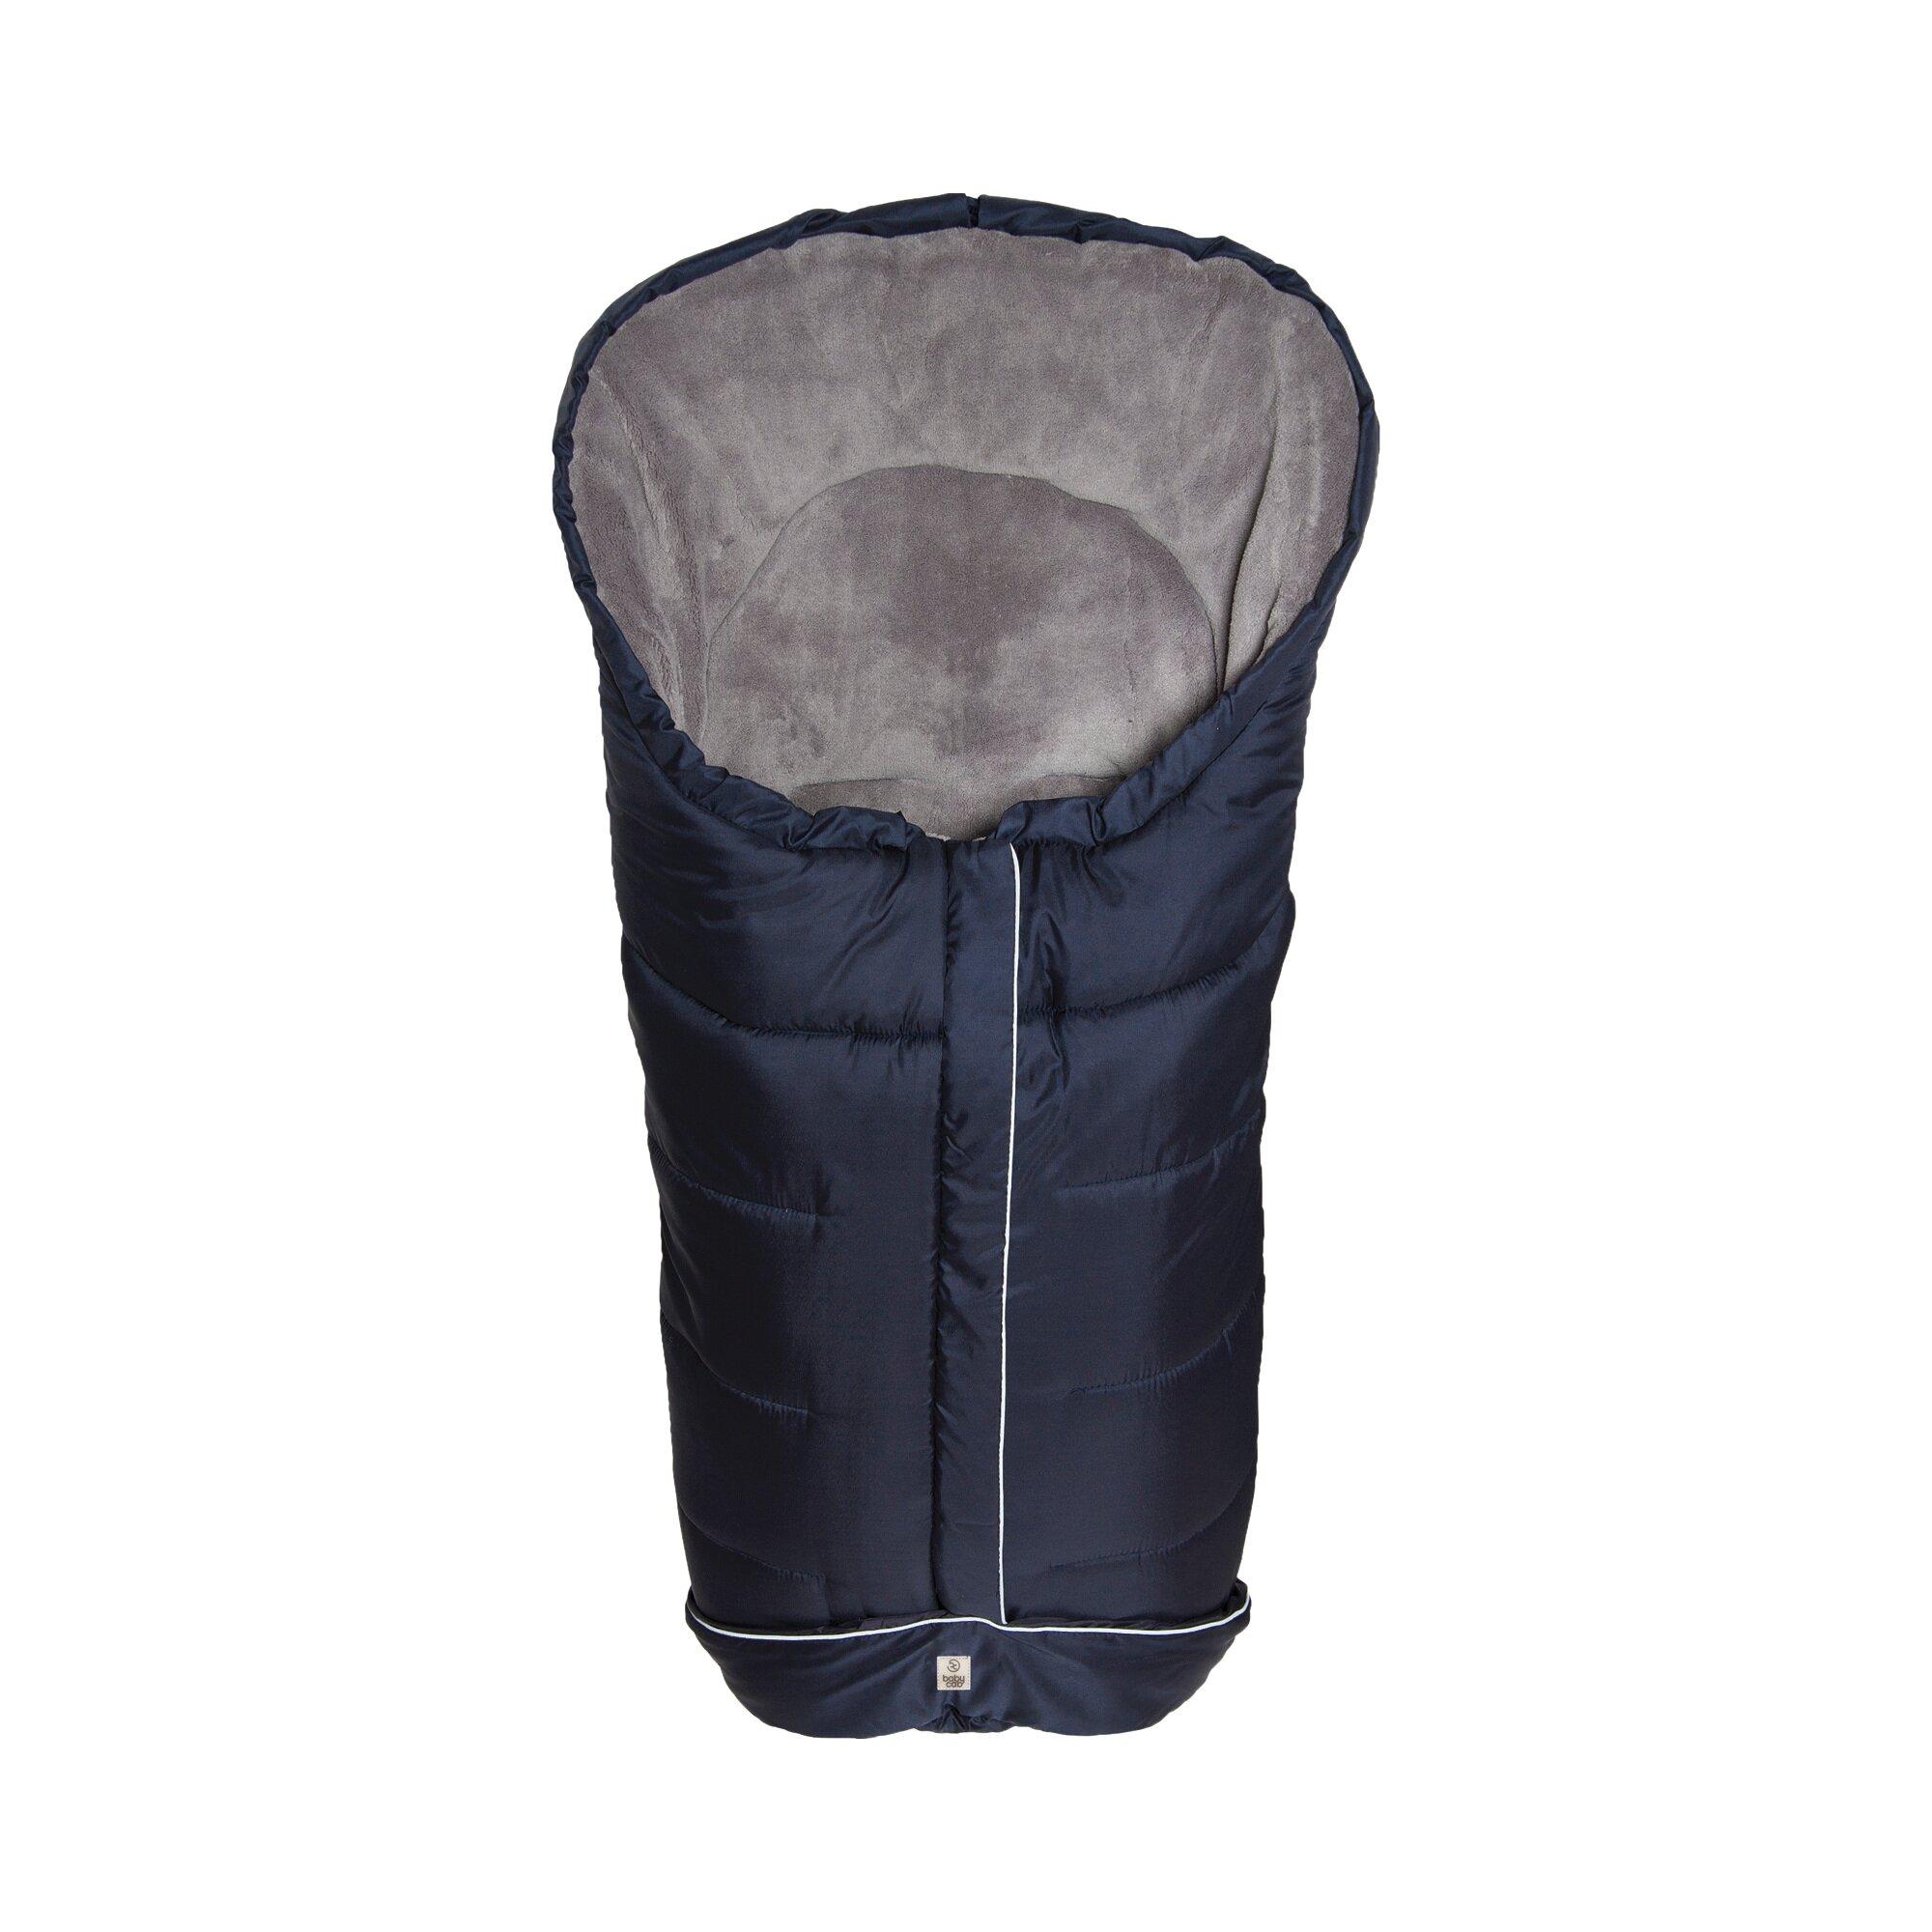 Babycab Winter-Fußsack K2 für Kinderwagen blau